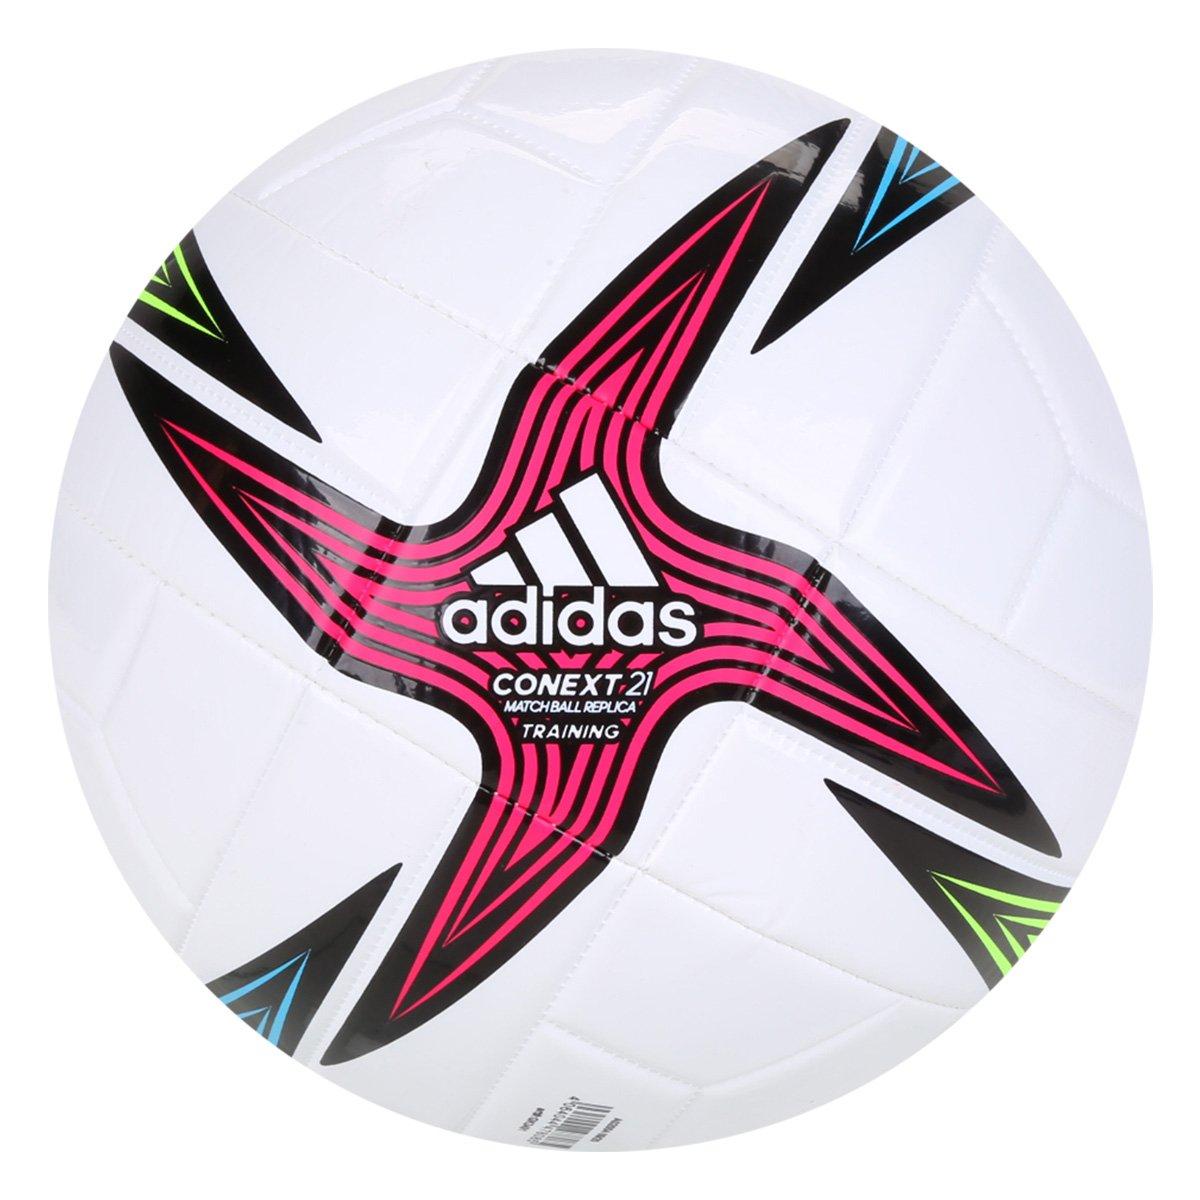 Bola de Futebol Campo Adidas Fifa Conext 21 Training